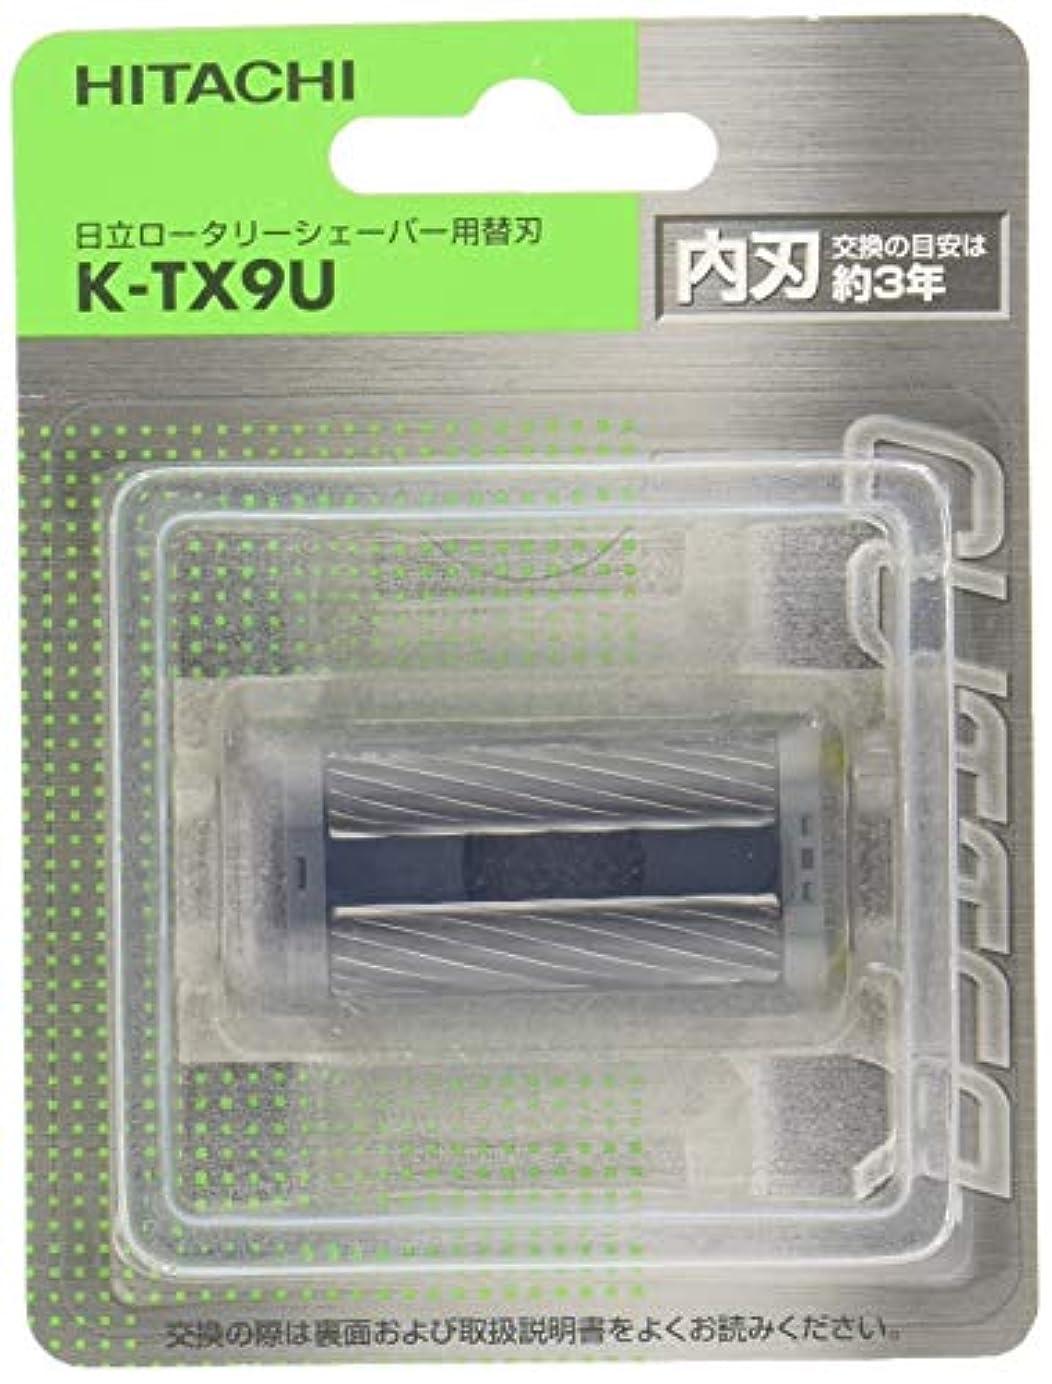 相続人促す謝る日立 替刃 内刃 K-TX9U